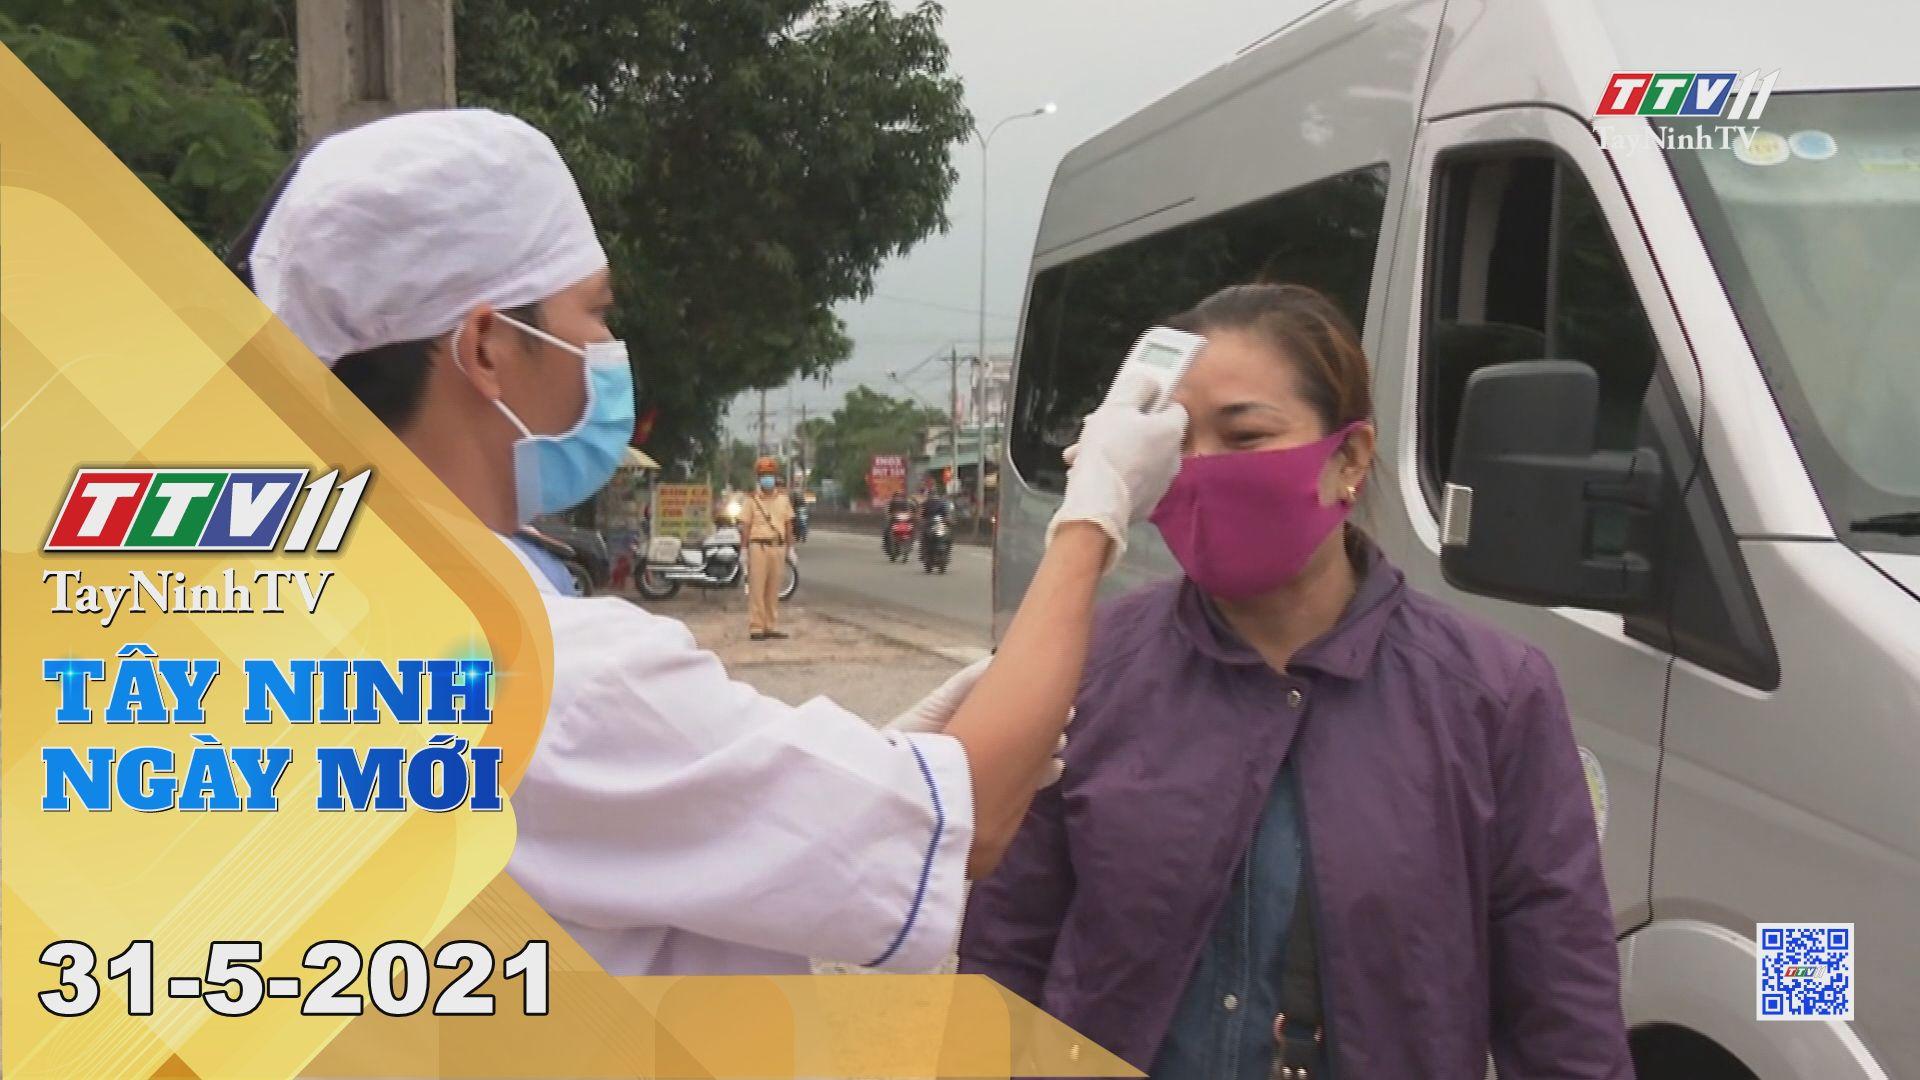 Tây Ninh Ngày Mới 31-5-2021 | Tin tức hôm nay | TayNinhTV